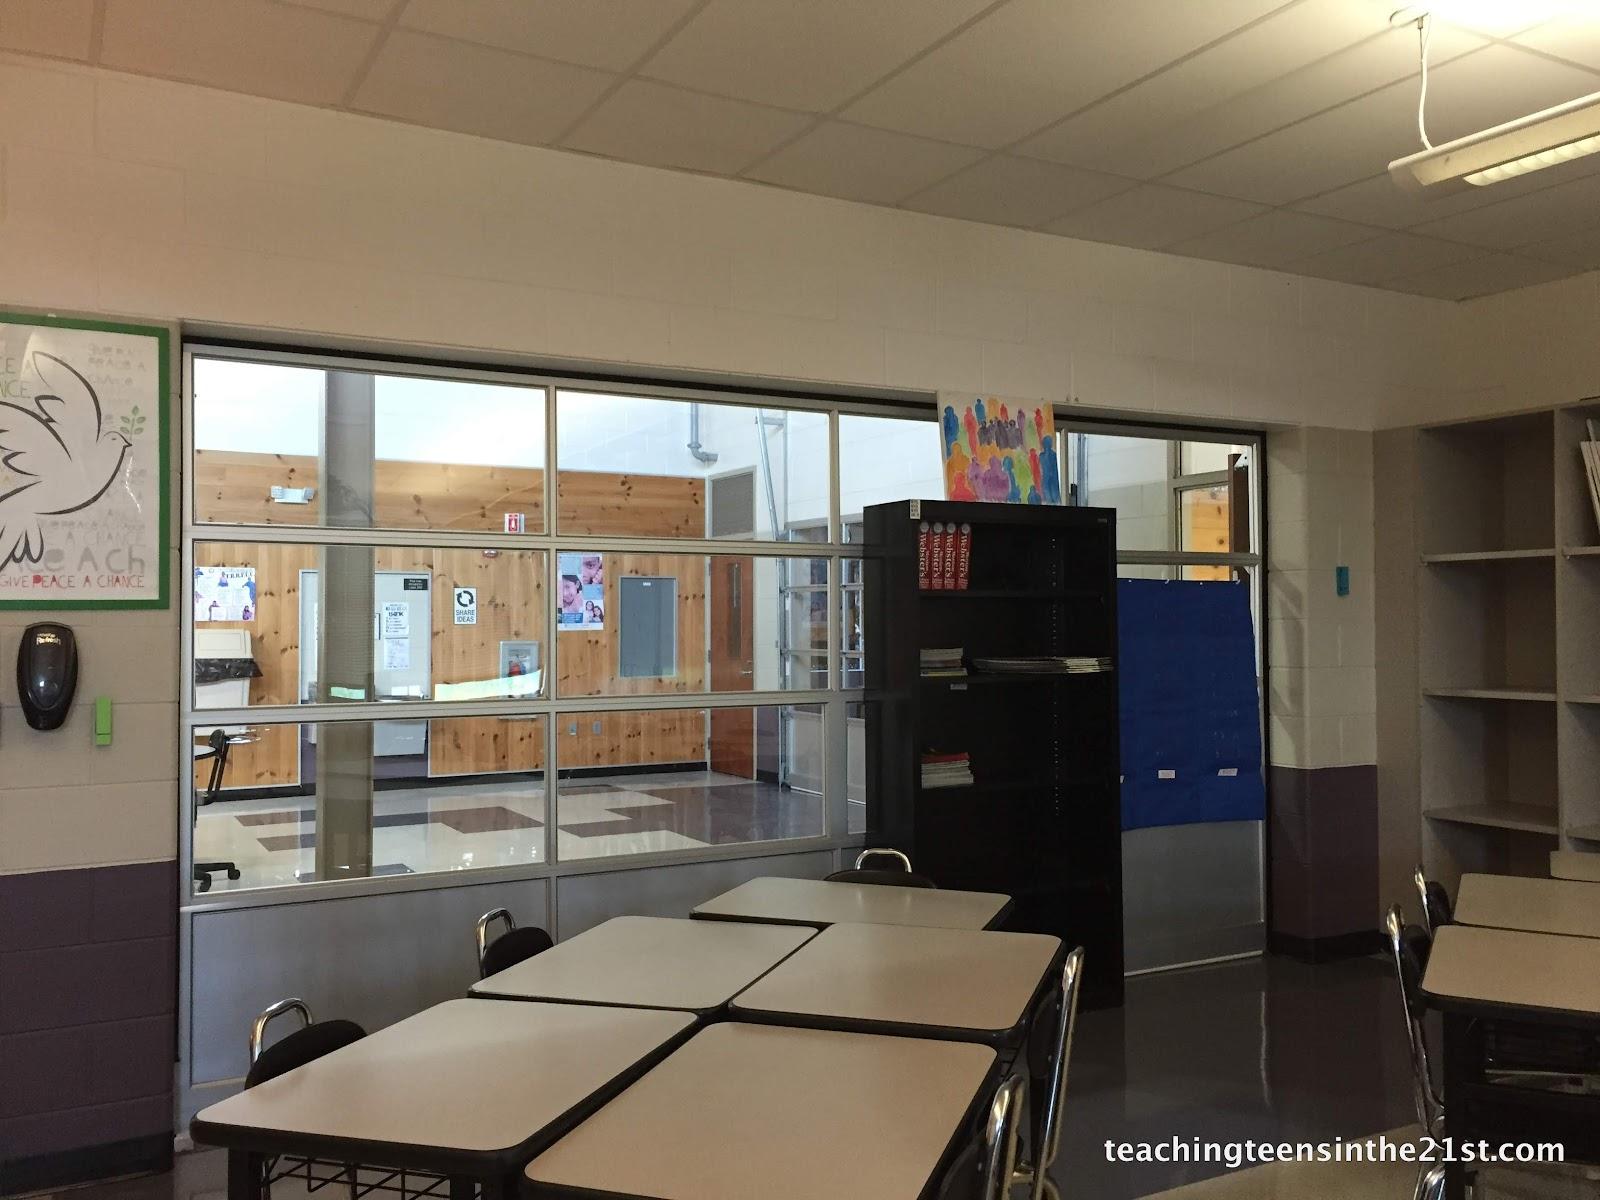 Teaching teens in the 21st classroom 2015 lite for Garage door repair school